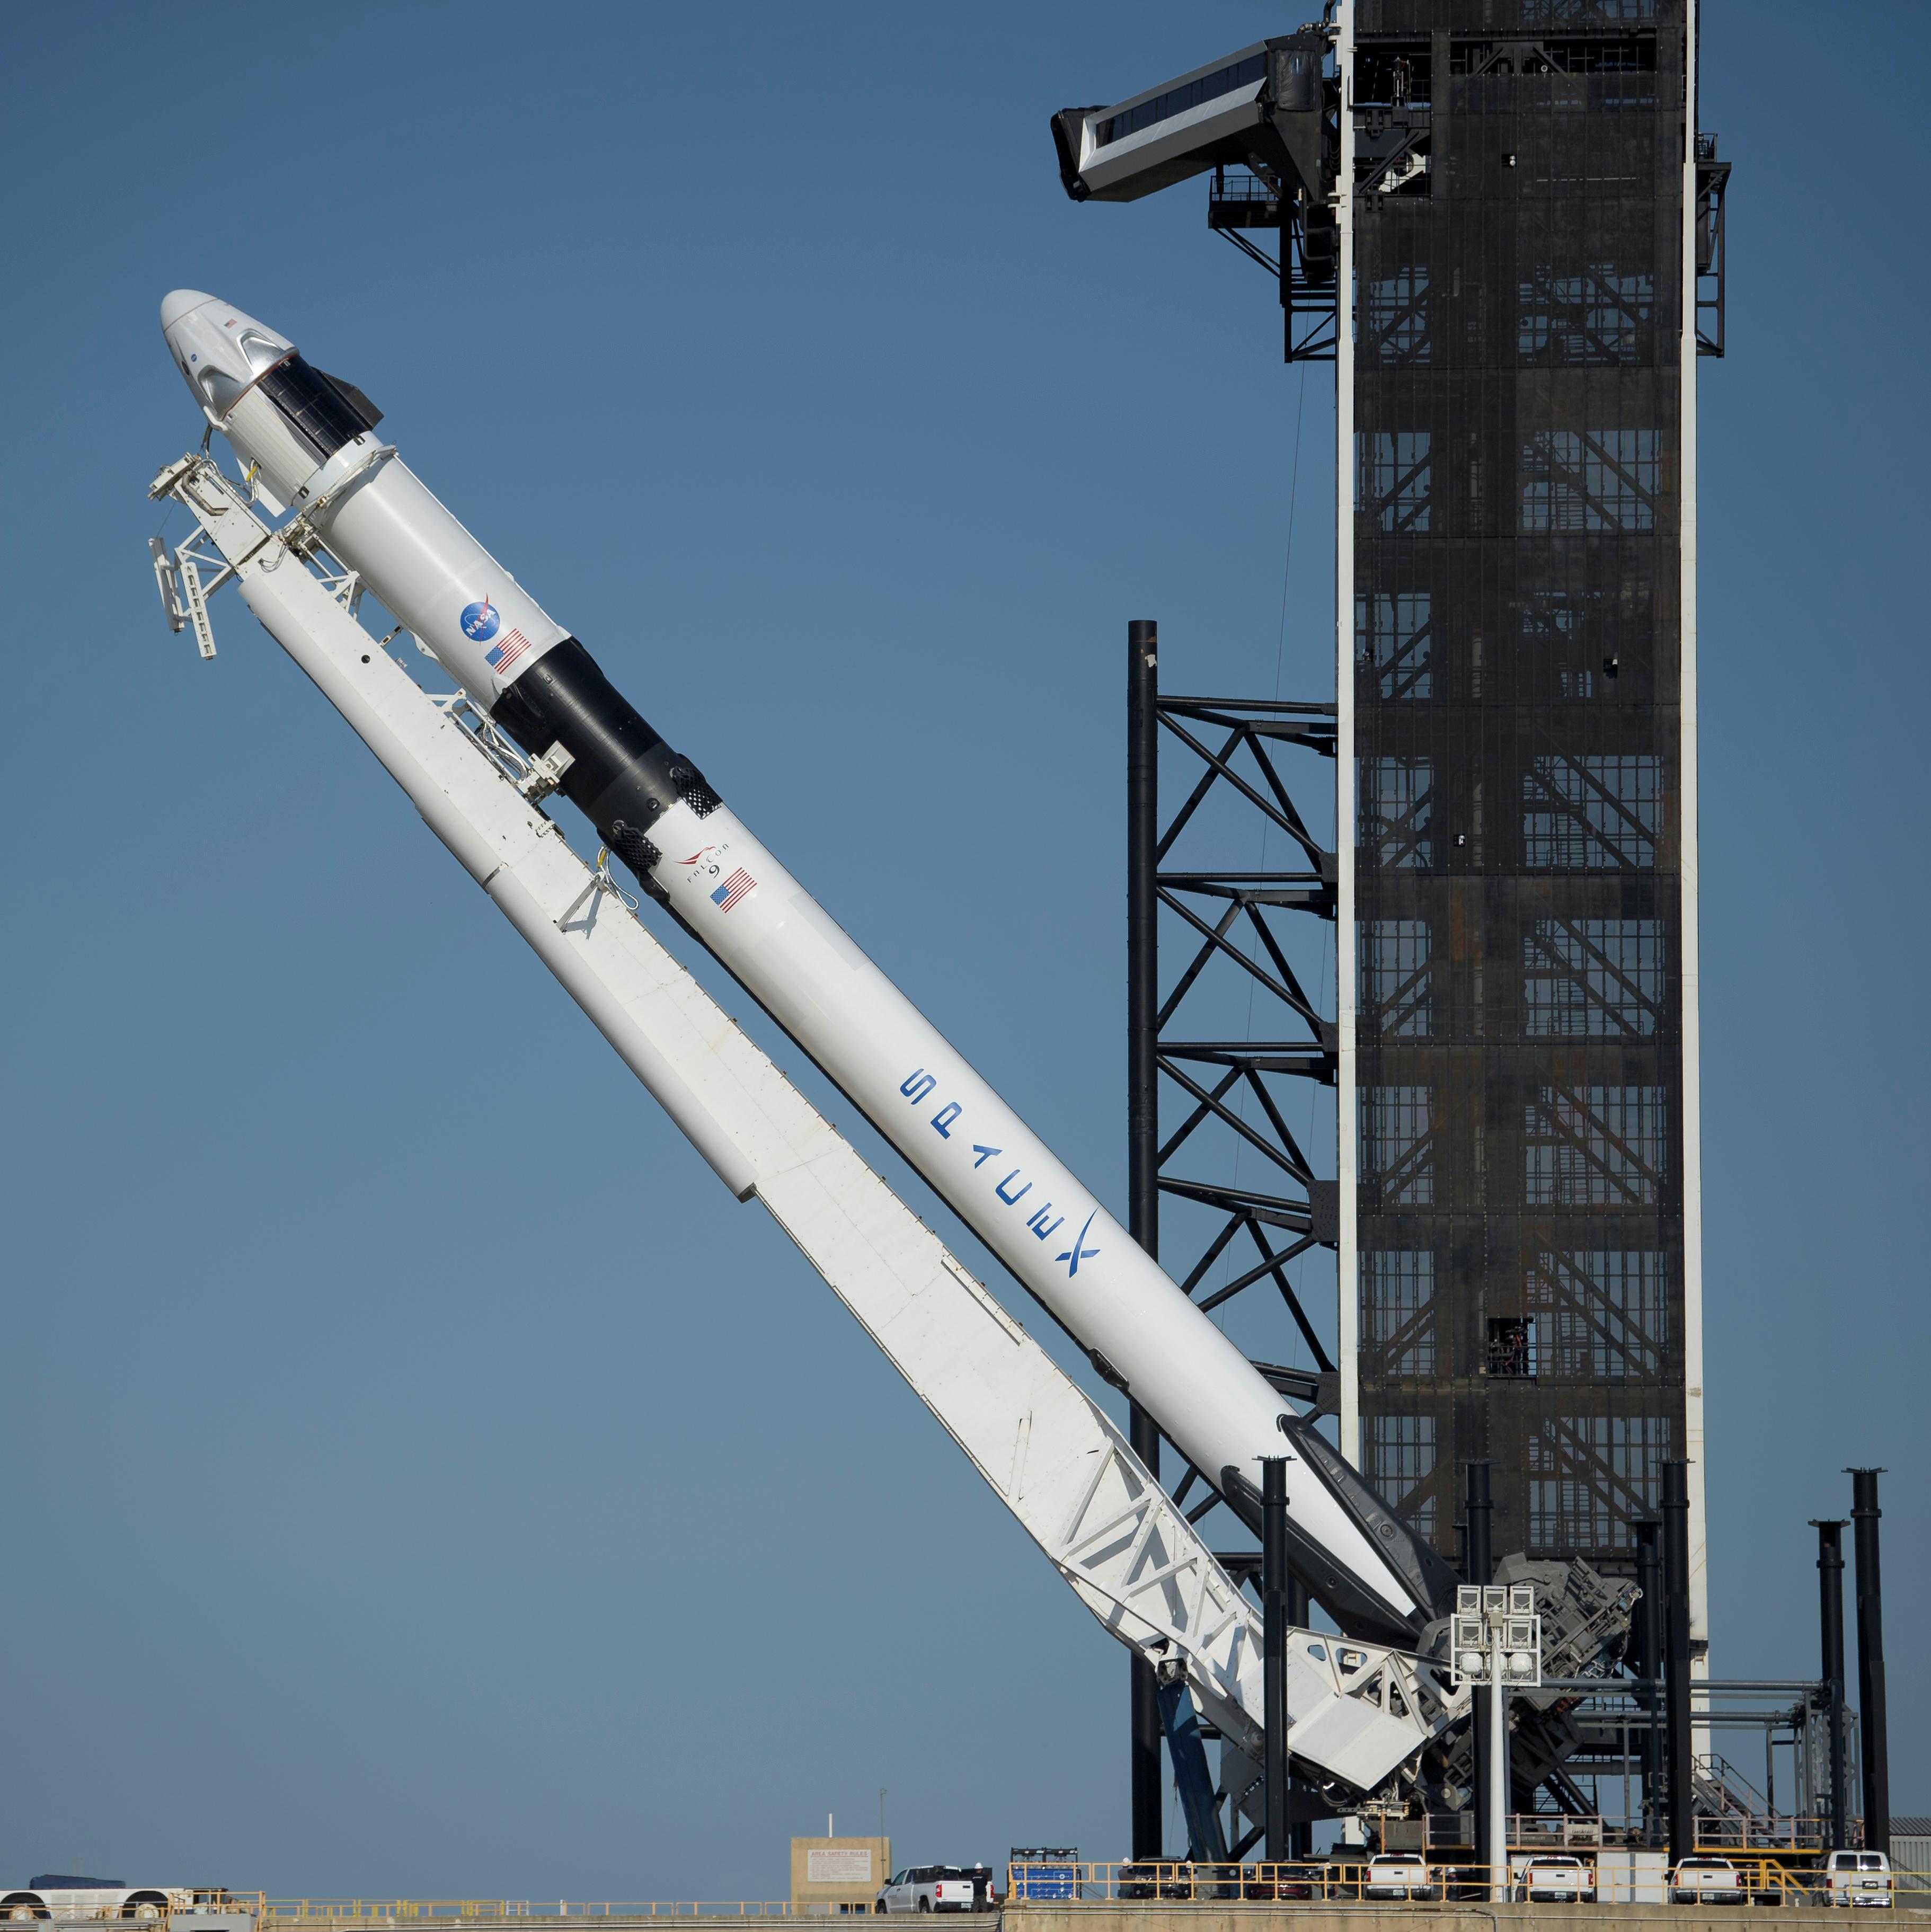 El cohete Falcon 9 de SpaceX y la capsula Crew Dragon (NASA/Bill Ingalls via REUTERS)